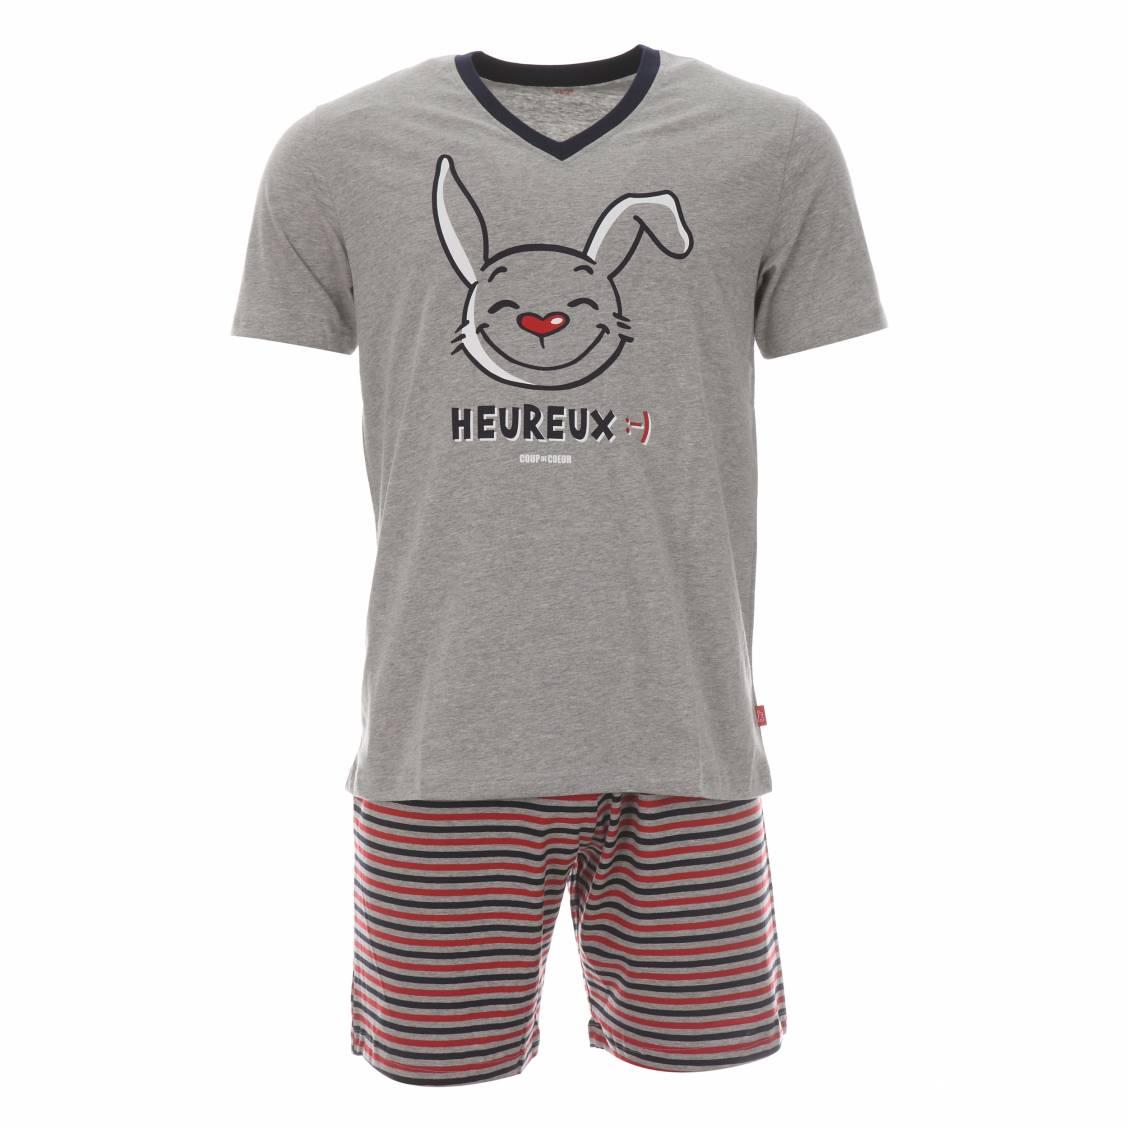 Pyjama court coup de c ur heureux tee shirt gris chin et short gris chin rayures rouges - Pyjama homme marque coup de coeur ...